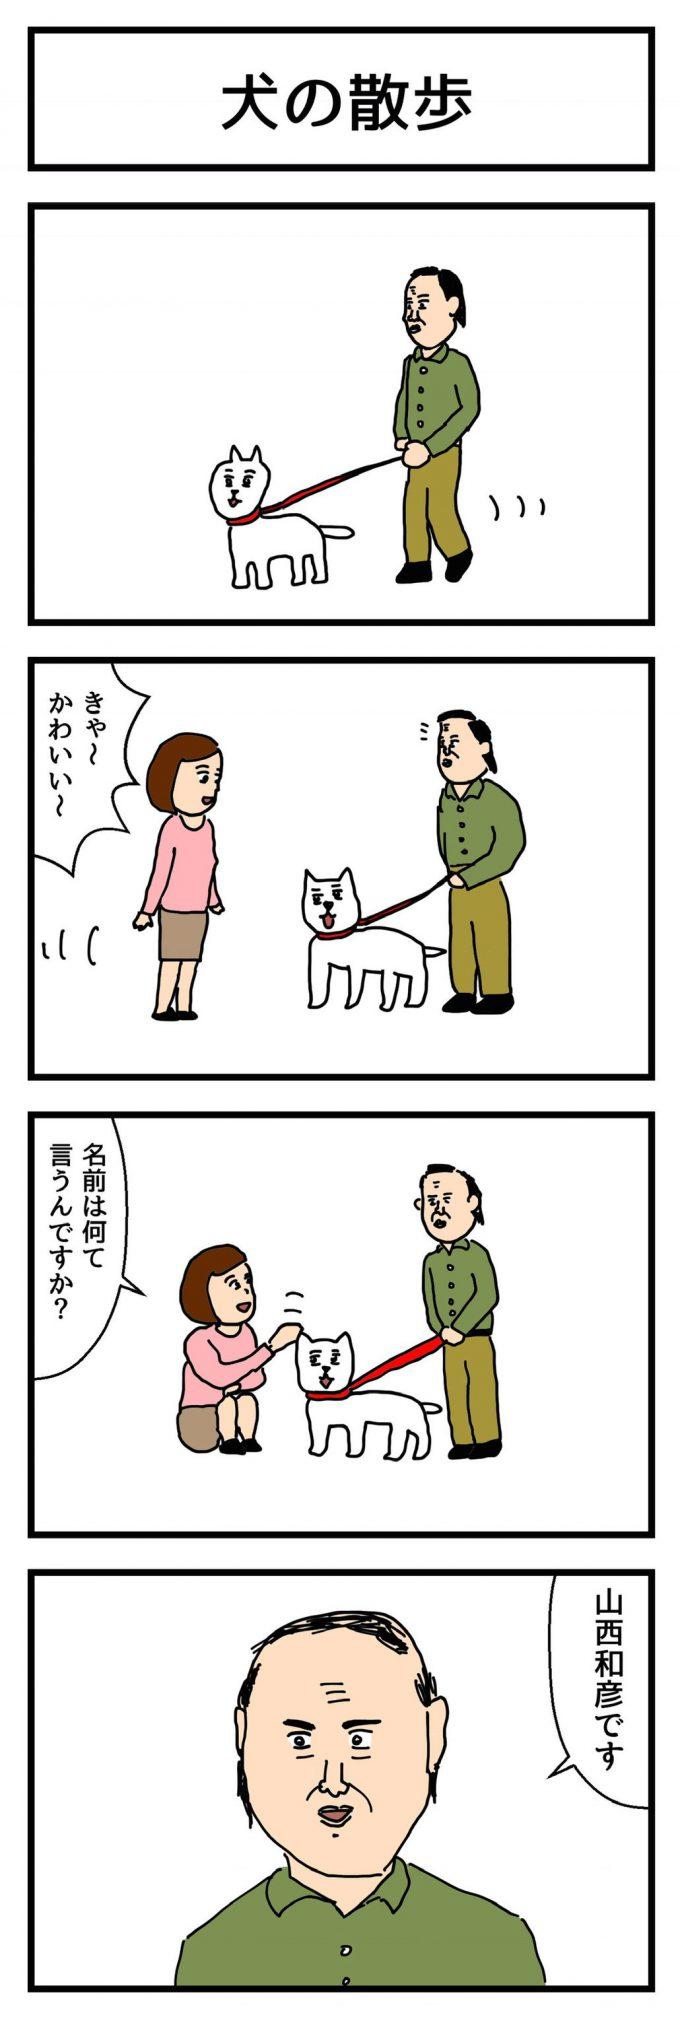 爆笑! せきのさんが描いたたのしい4コマがおもしろすぎます(笑)